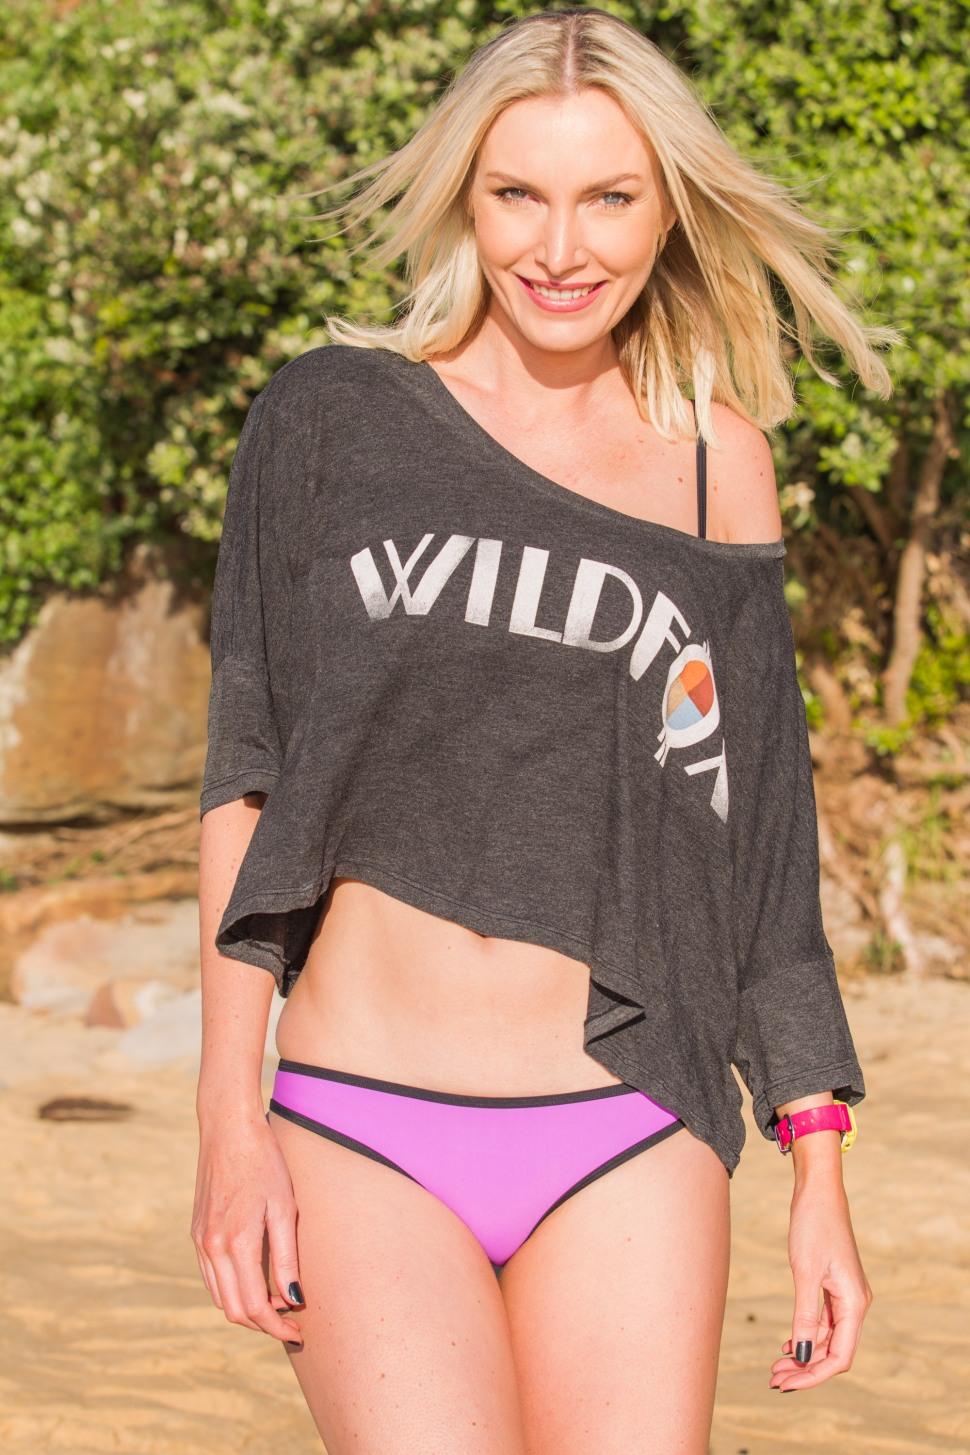 iamjillwright, jill wright, triangl, triangl swimwear, wildfox, babyg